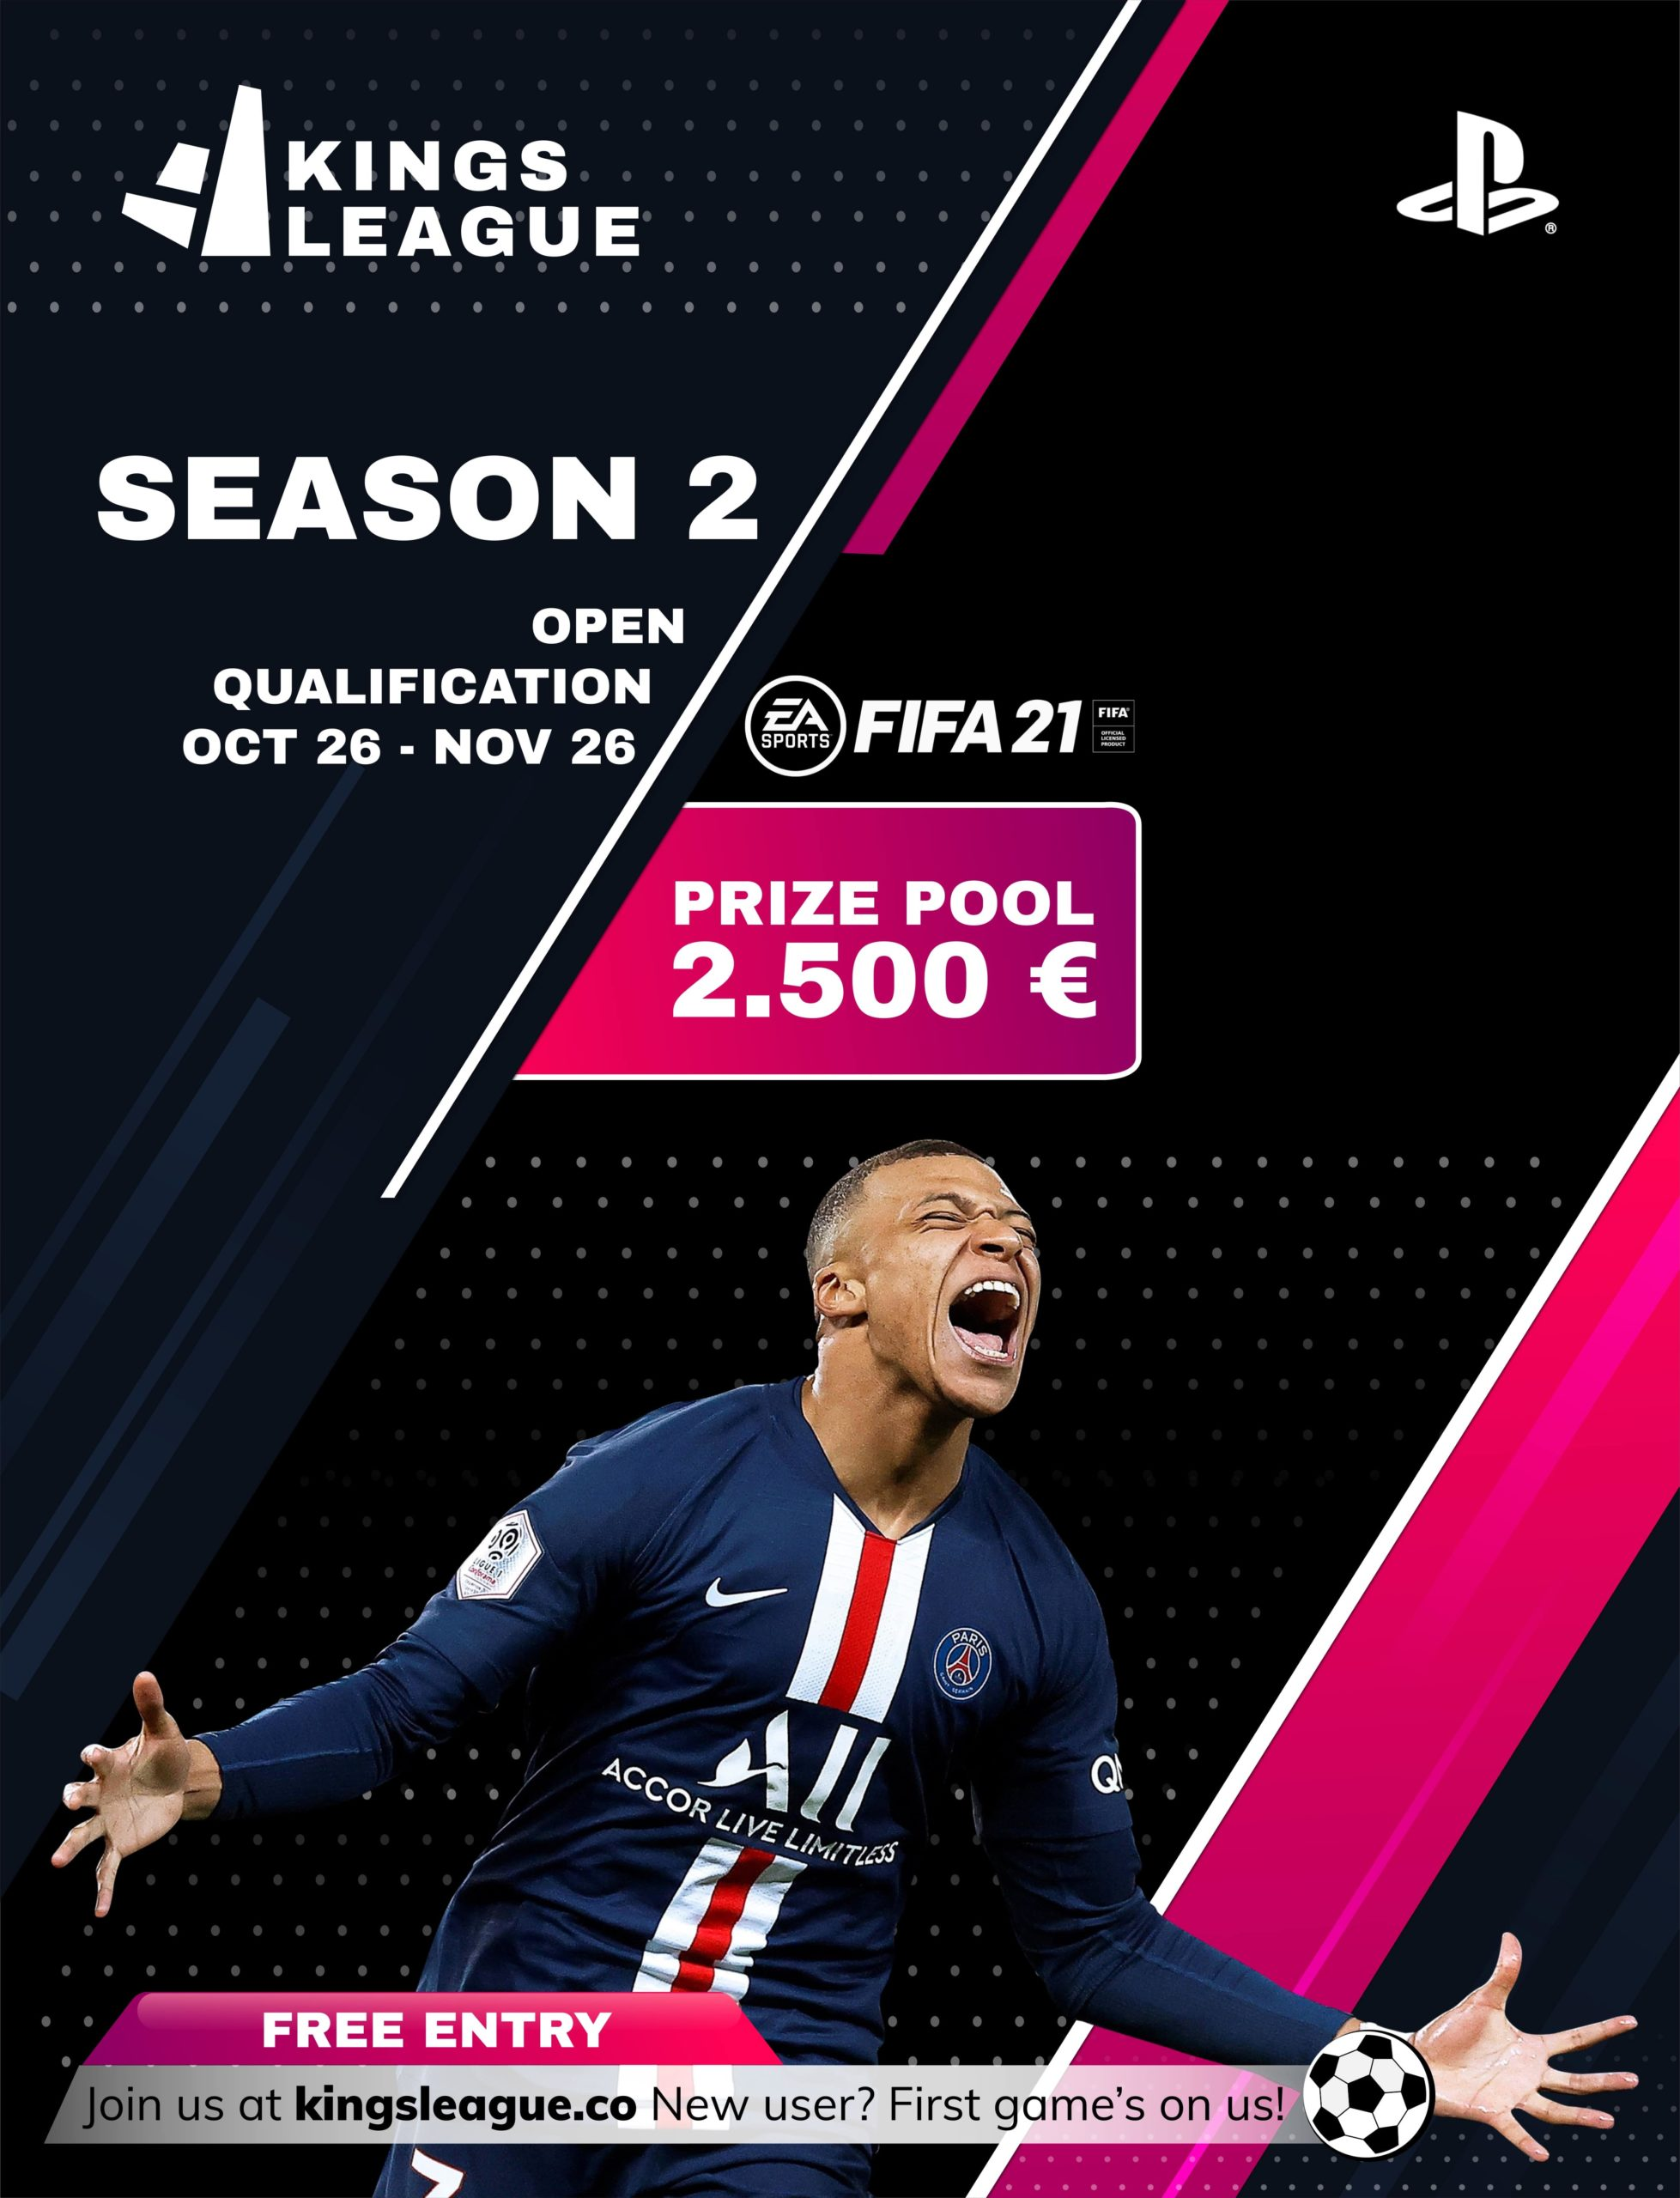 kingsleague season 2 fifa 21 and fut 21 poster